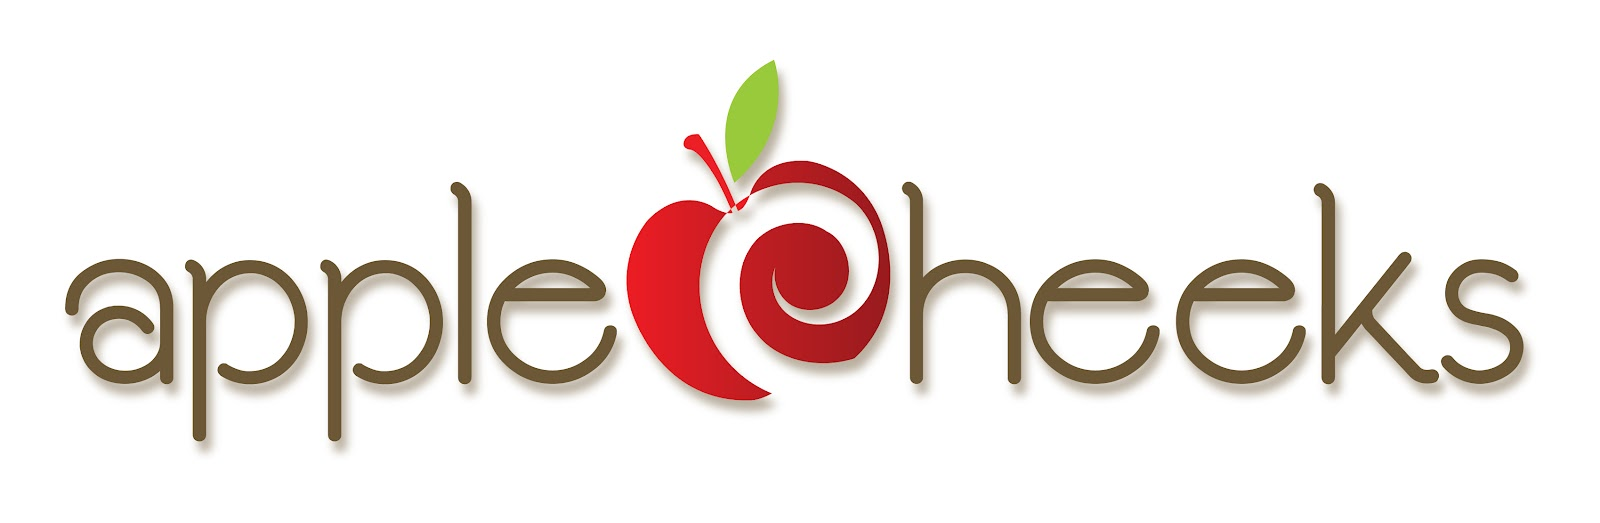 applecheeks new logo